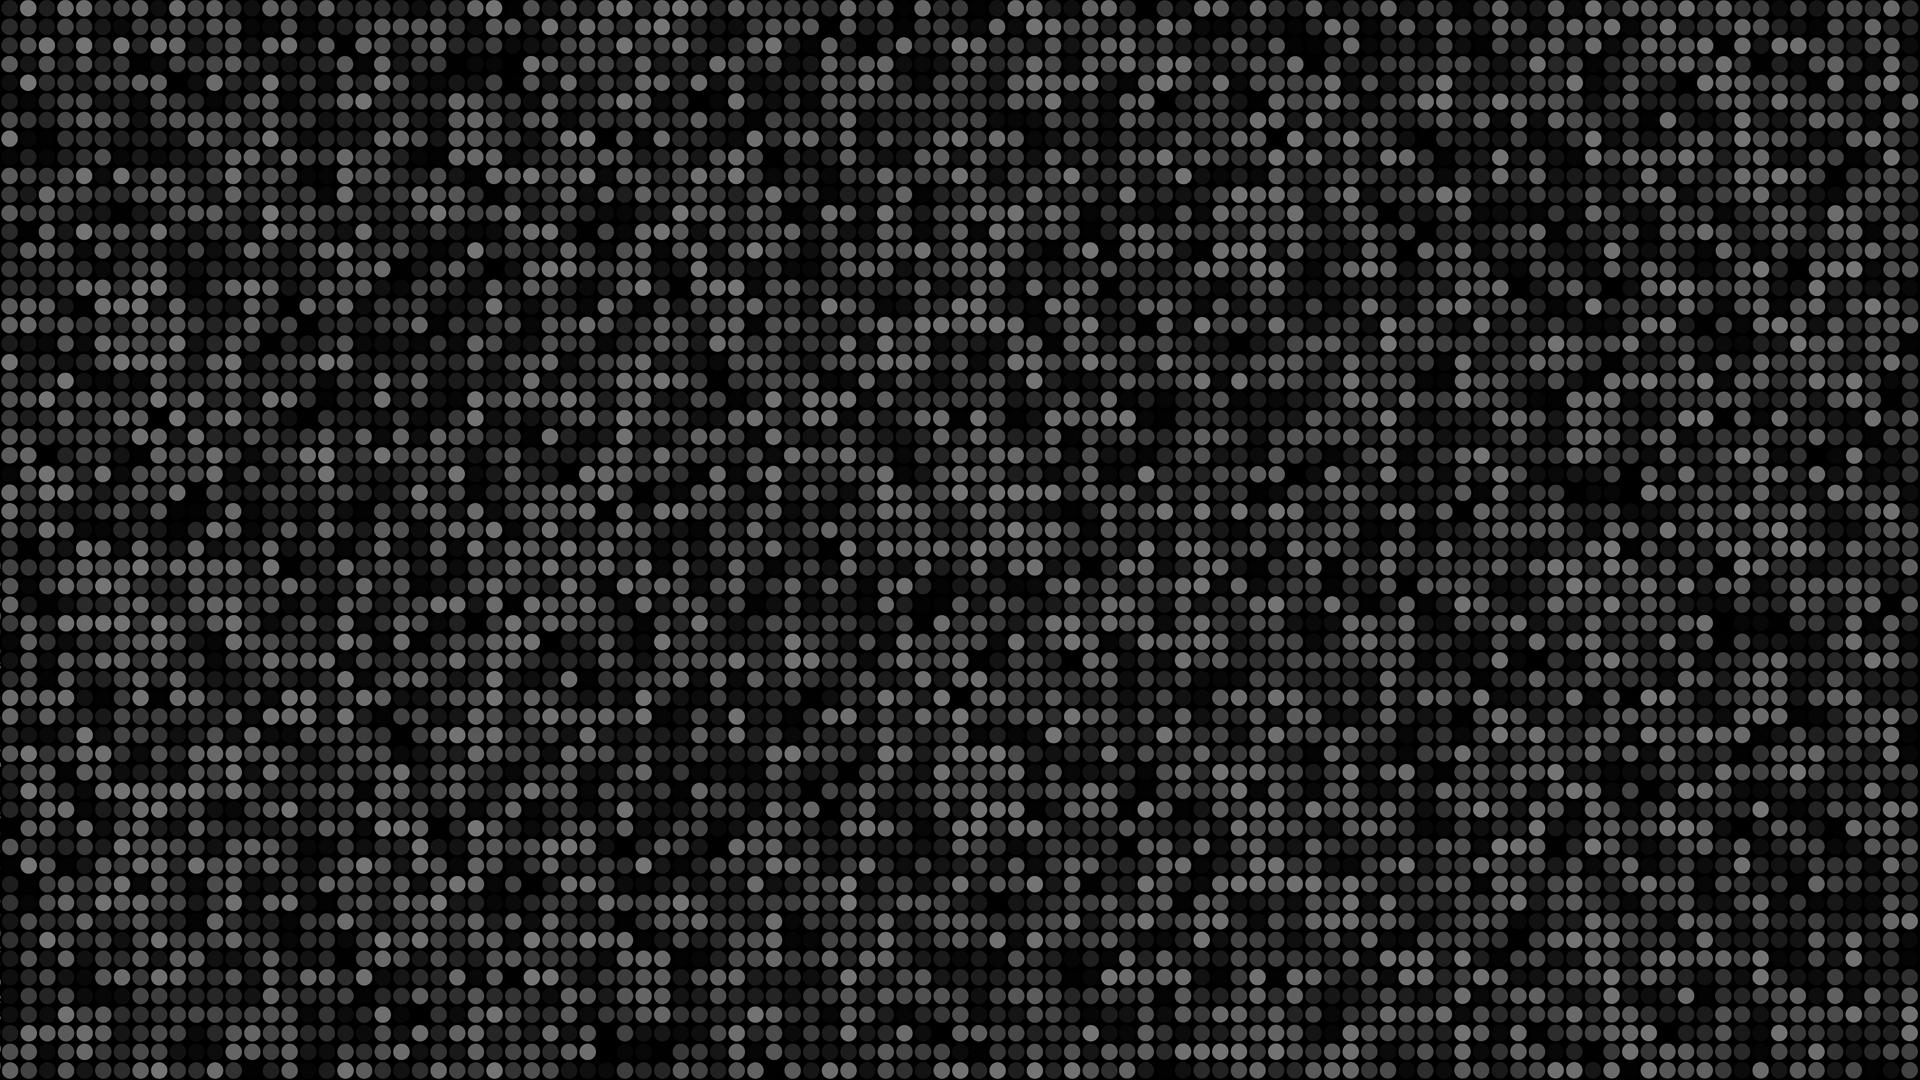 Nexus Desktop Wallpaper 1920x1080 Nature 90 images in Collection 1920x1080